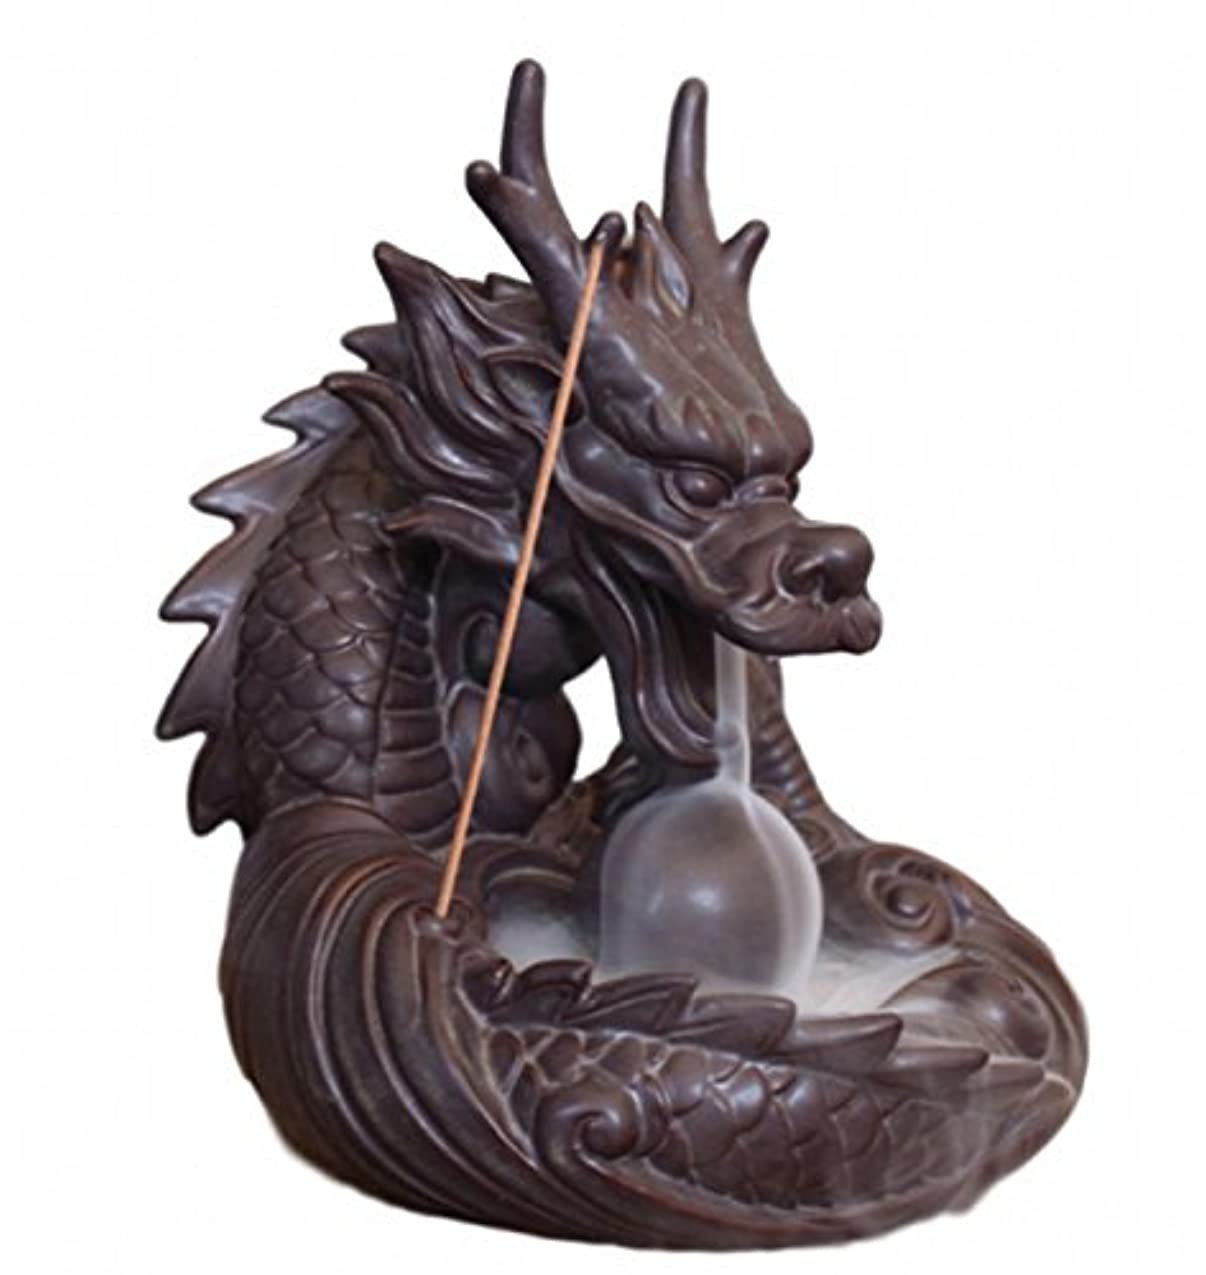 ベテラン小説批判的に【Rurumiマーケット】不思議なお香 倒流香 用 香炉 ドラゴン お試しお香付き 流川香 陶器製 (ドラゴンB)